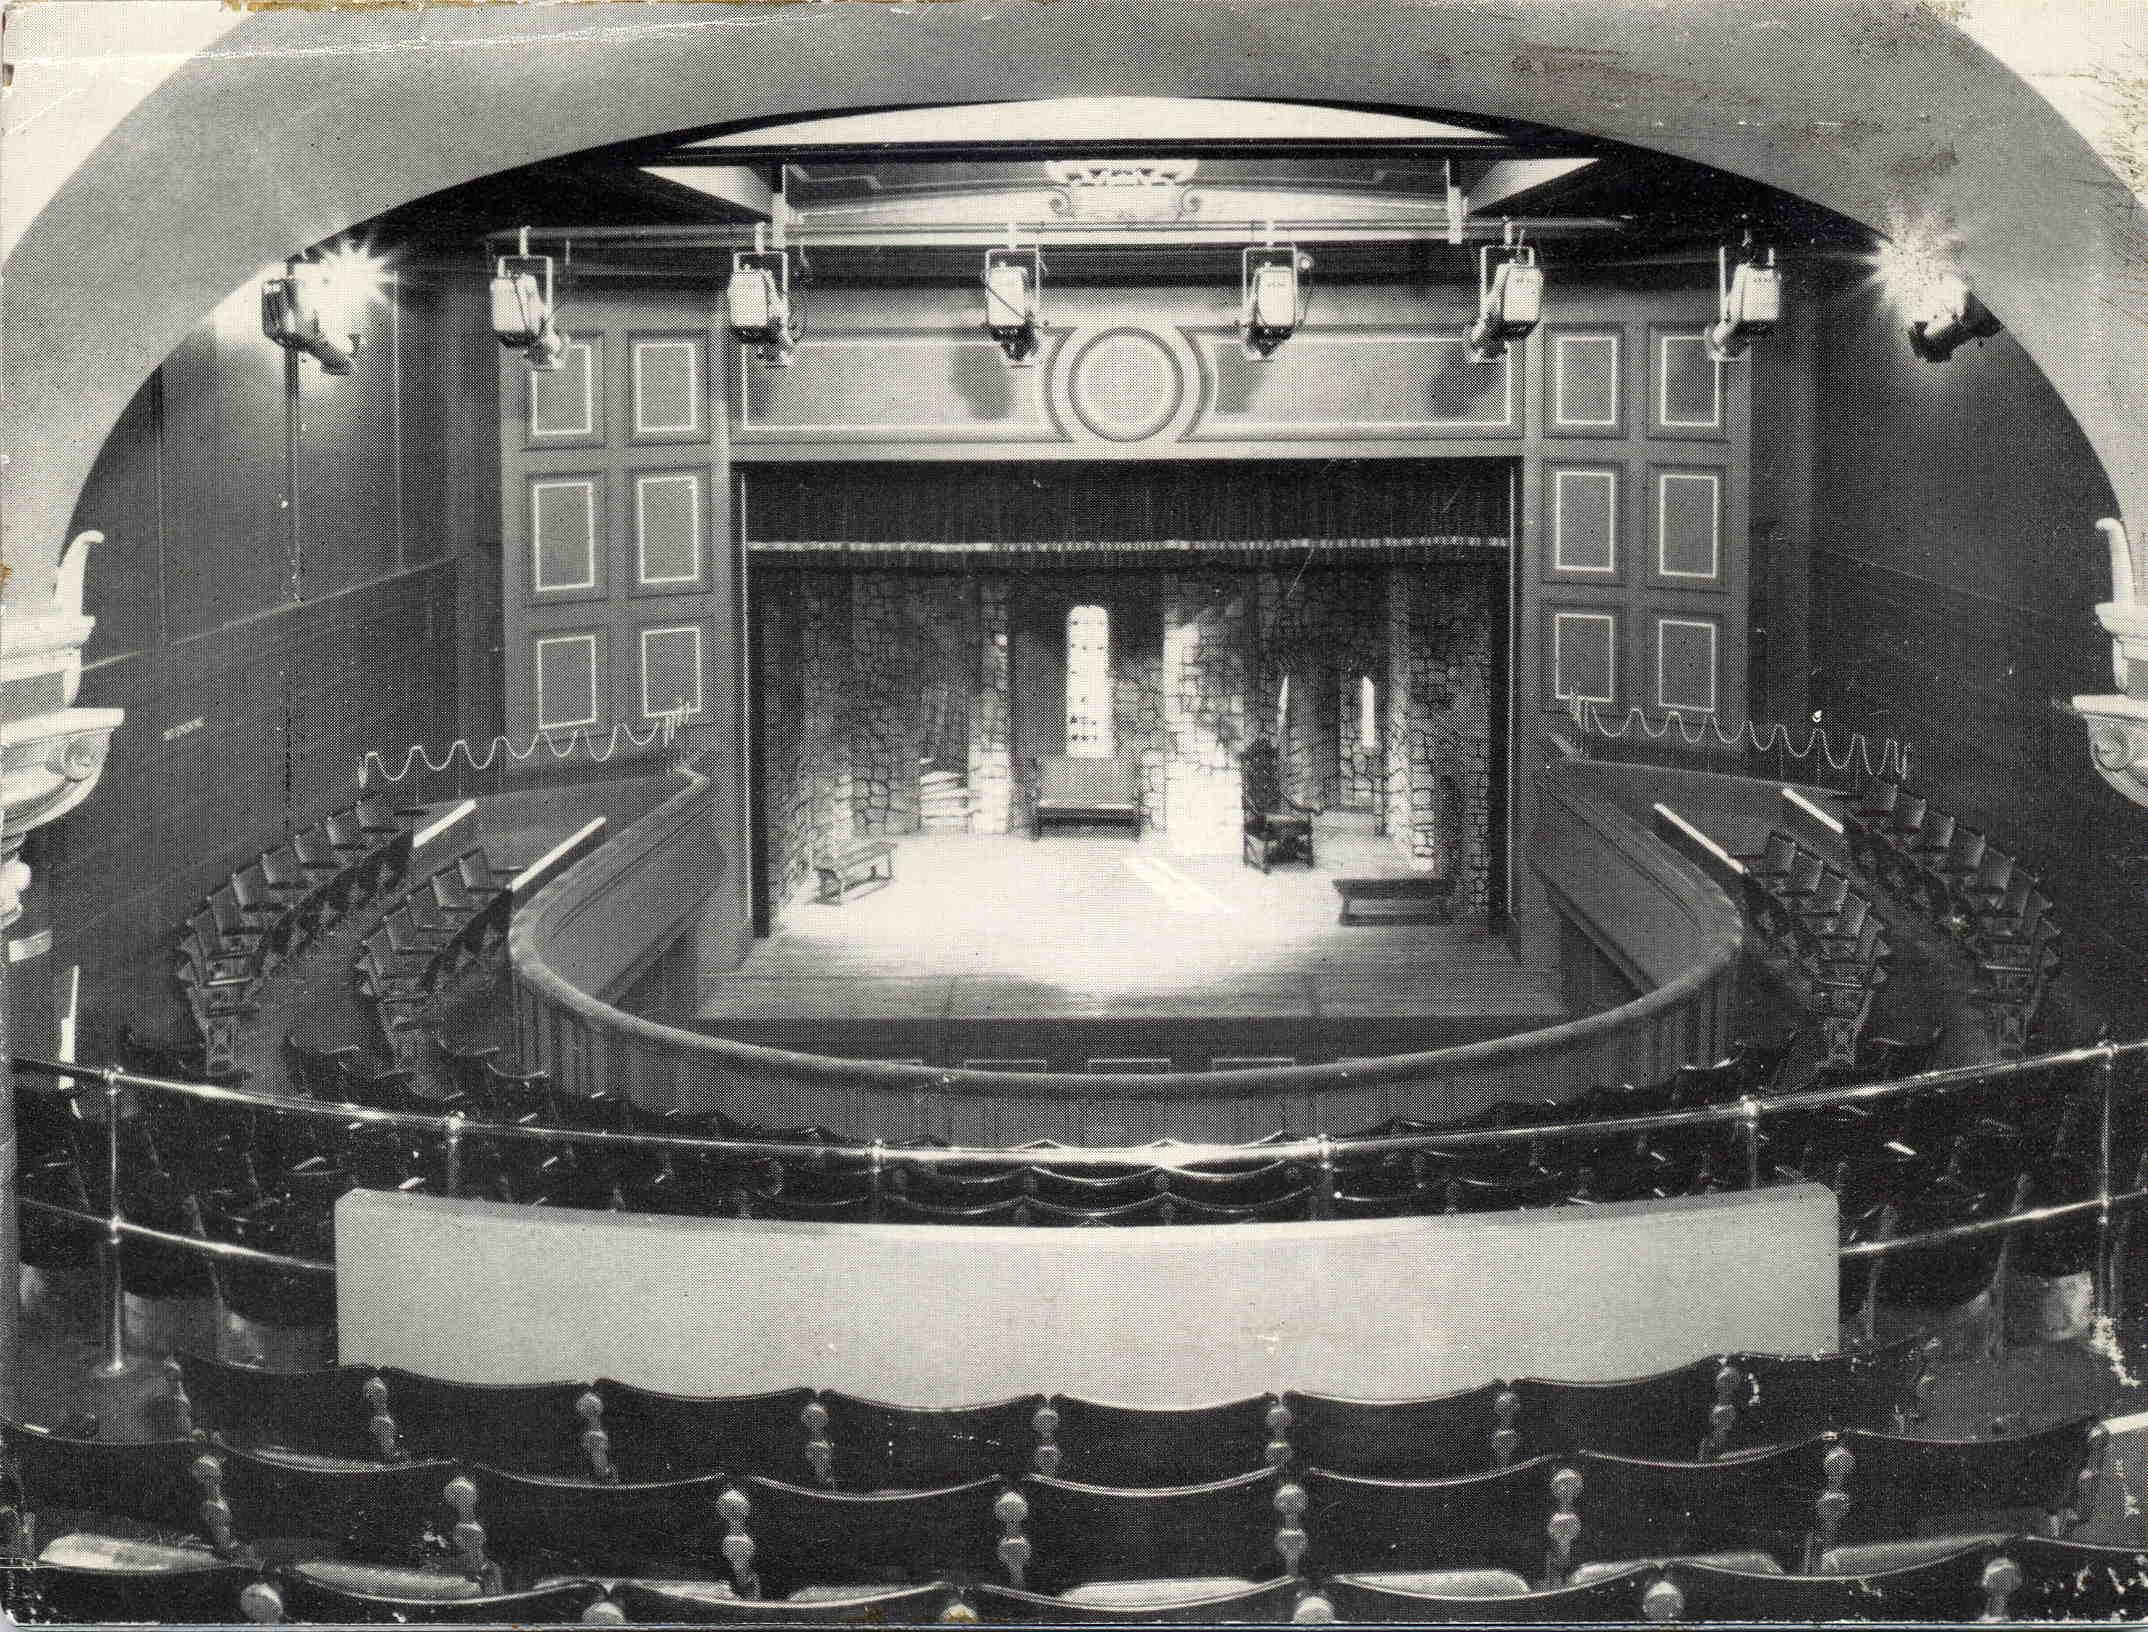 Old Athenaeum Theatre in Glasgow Athenaeum Building